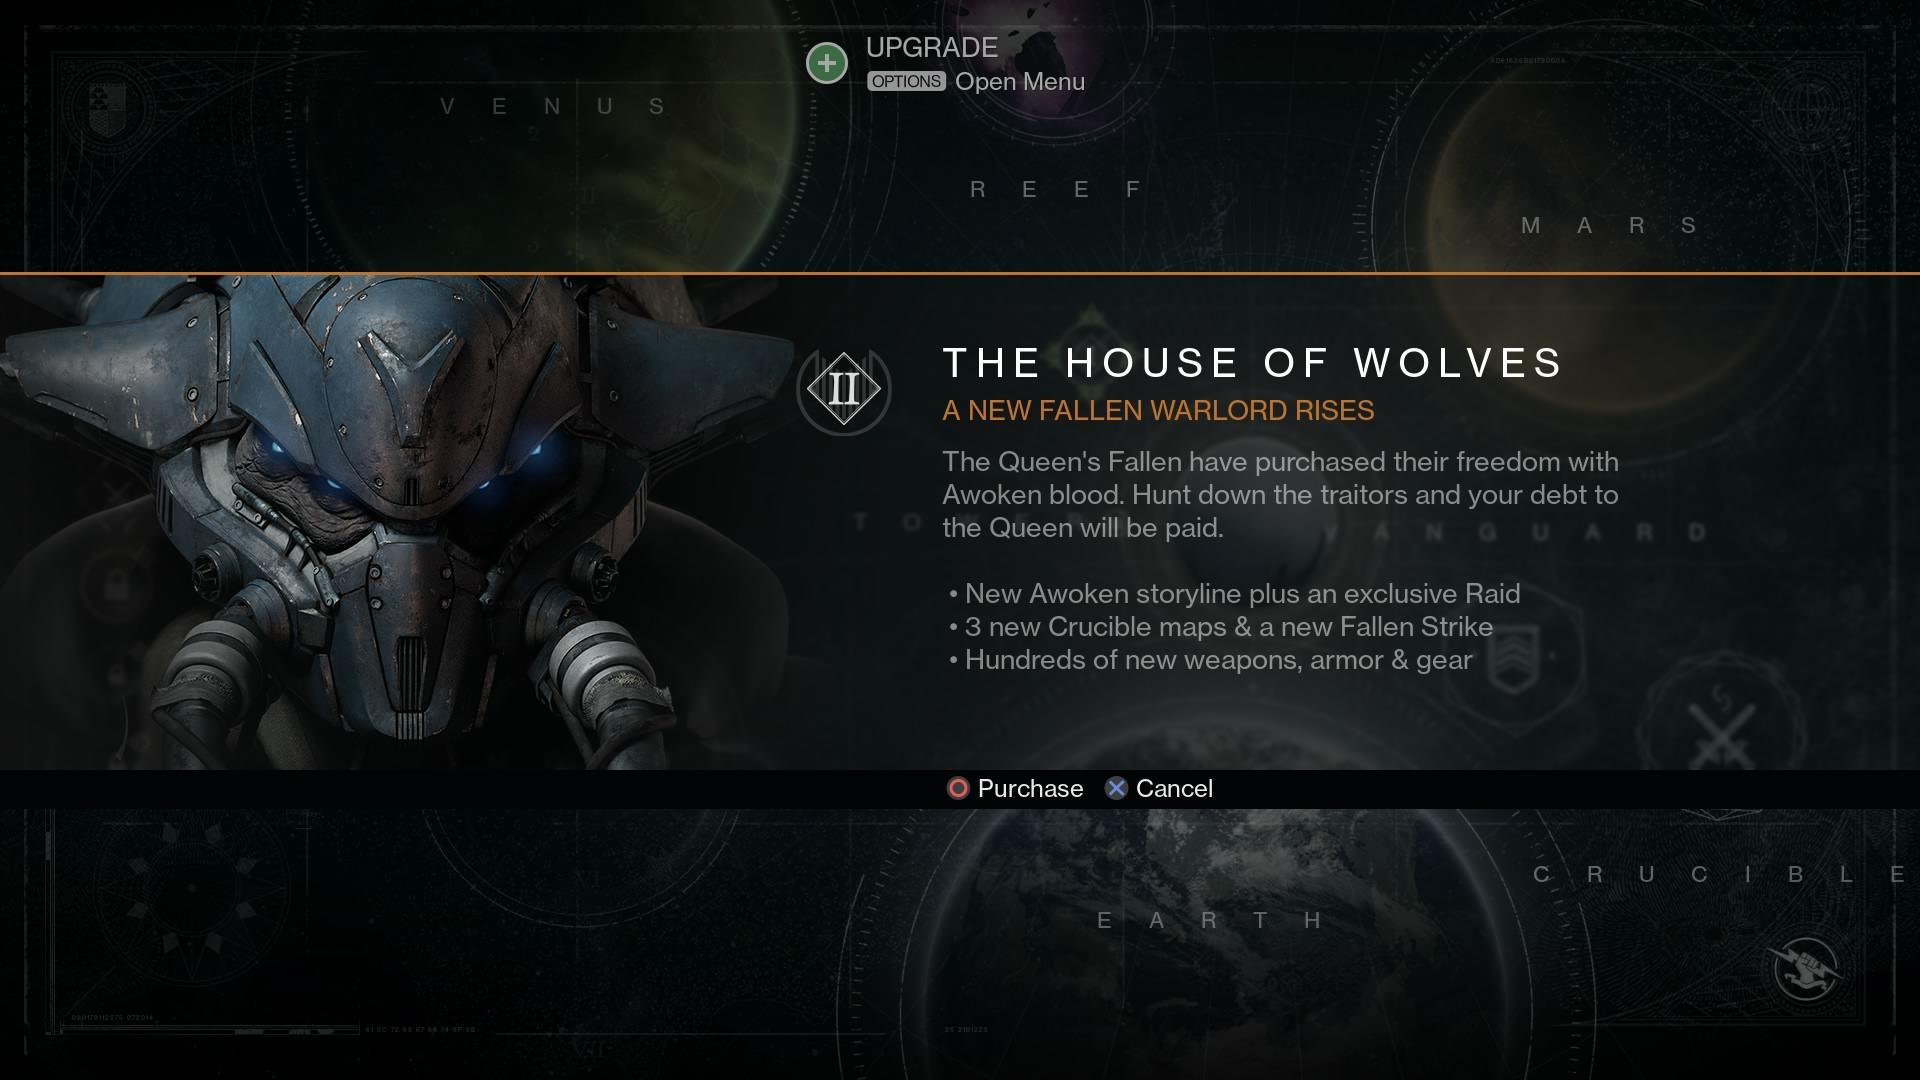 """Destiny: Nächster DLC """"Haus der Wölfe"""" geleaket? Knapp 30 Ingame-Bilder der neuen Waffen und Rüstungen"""